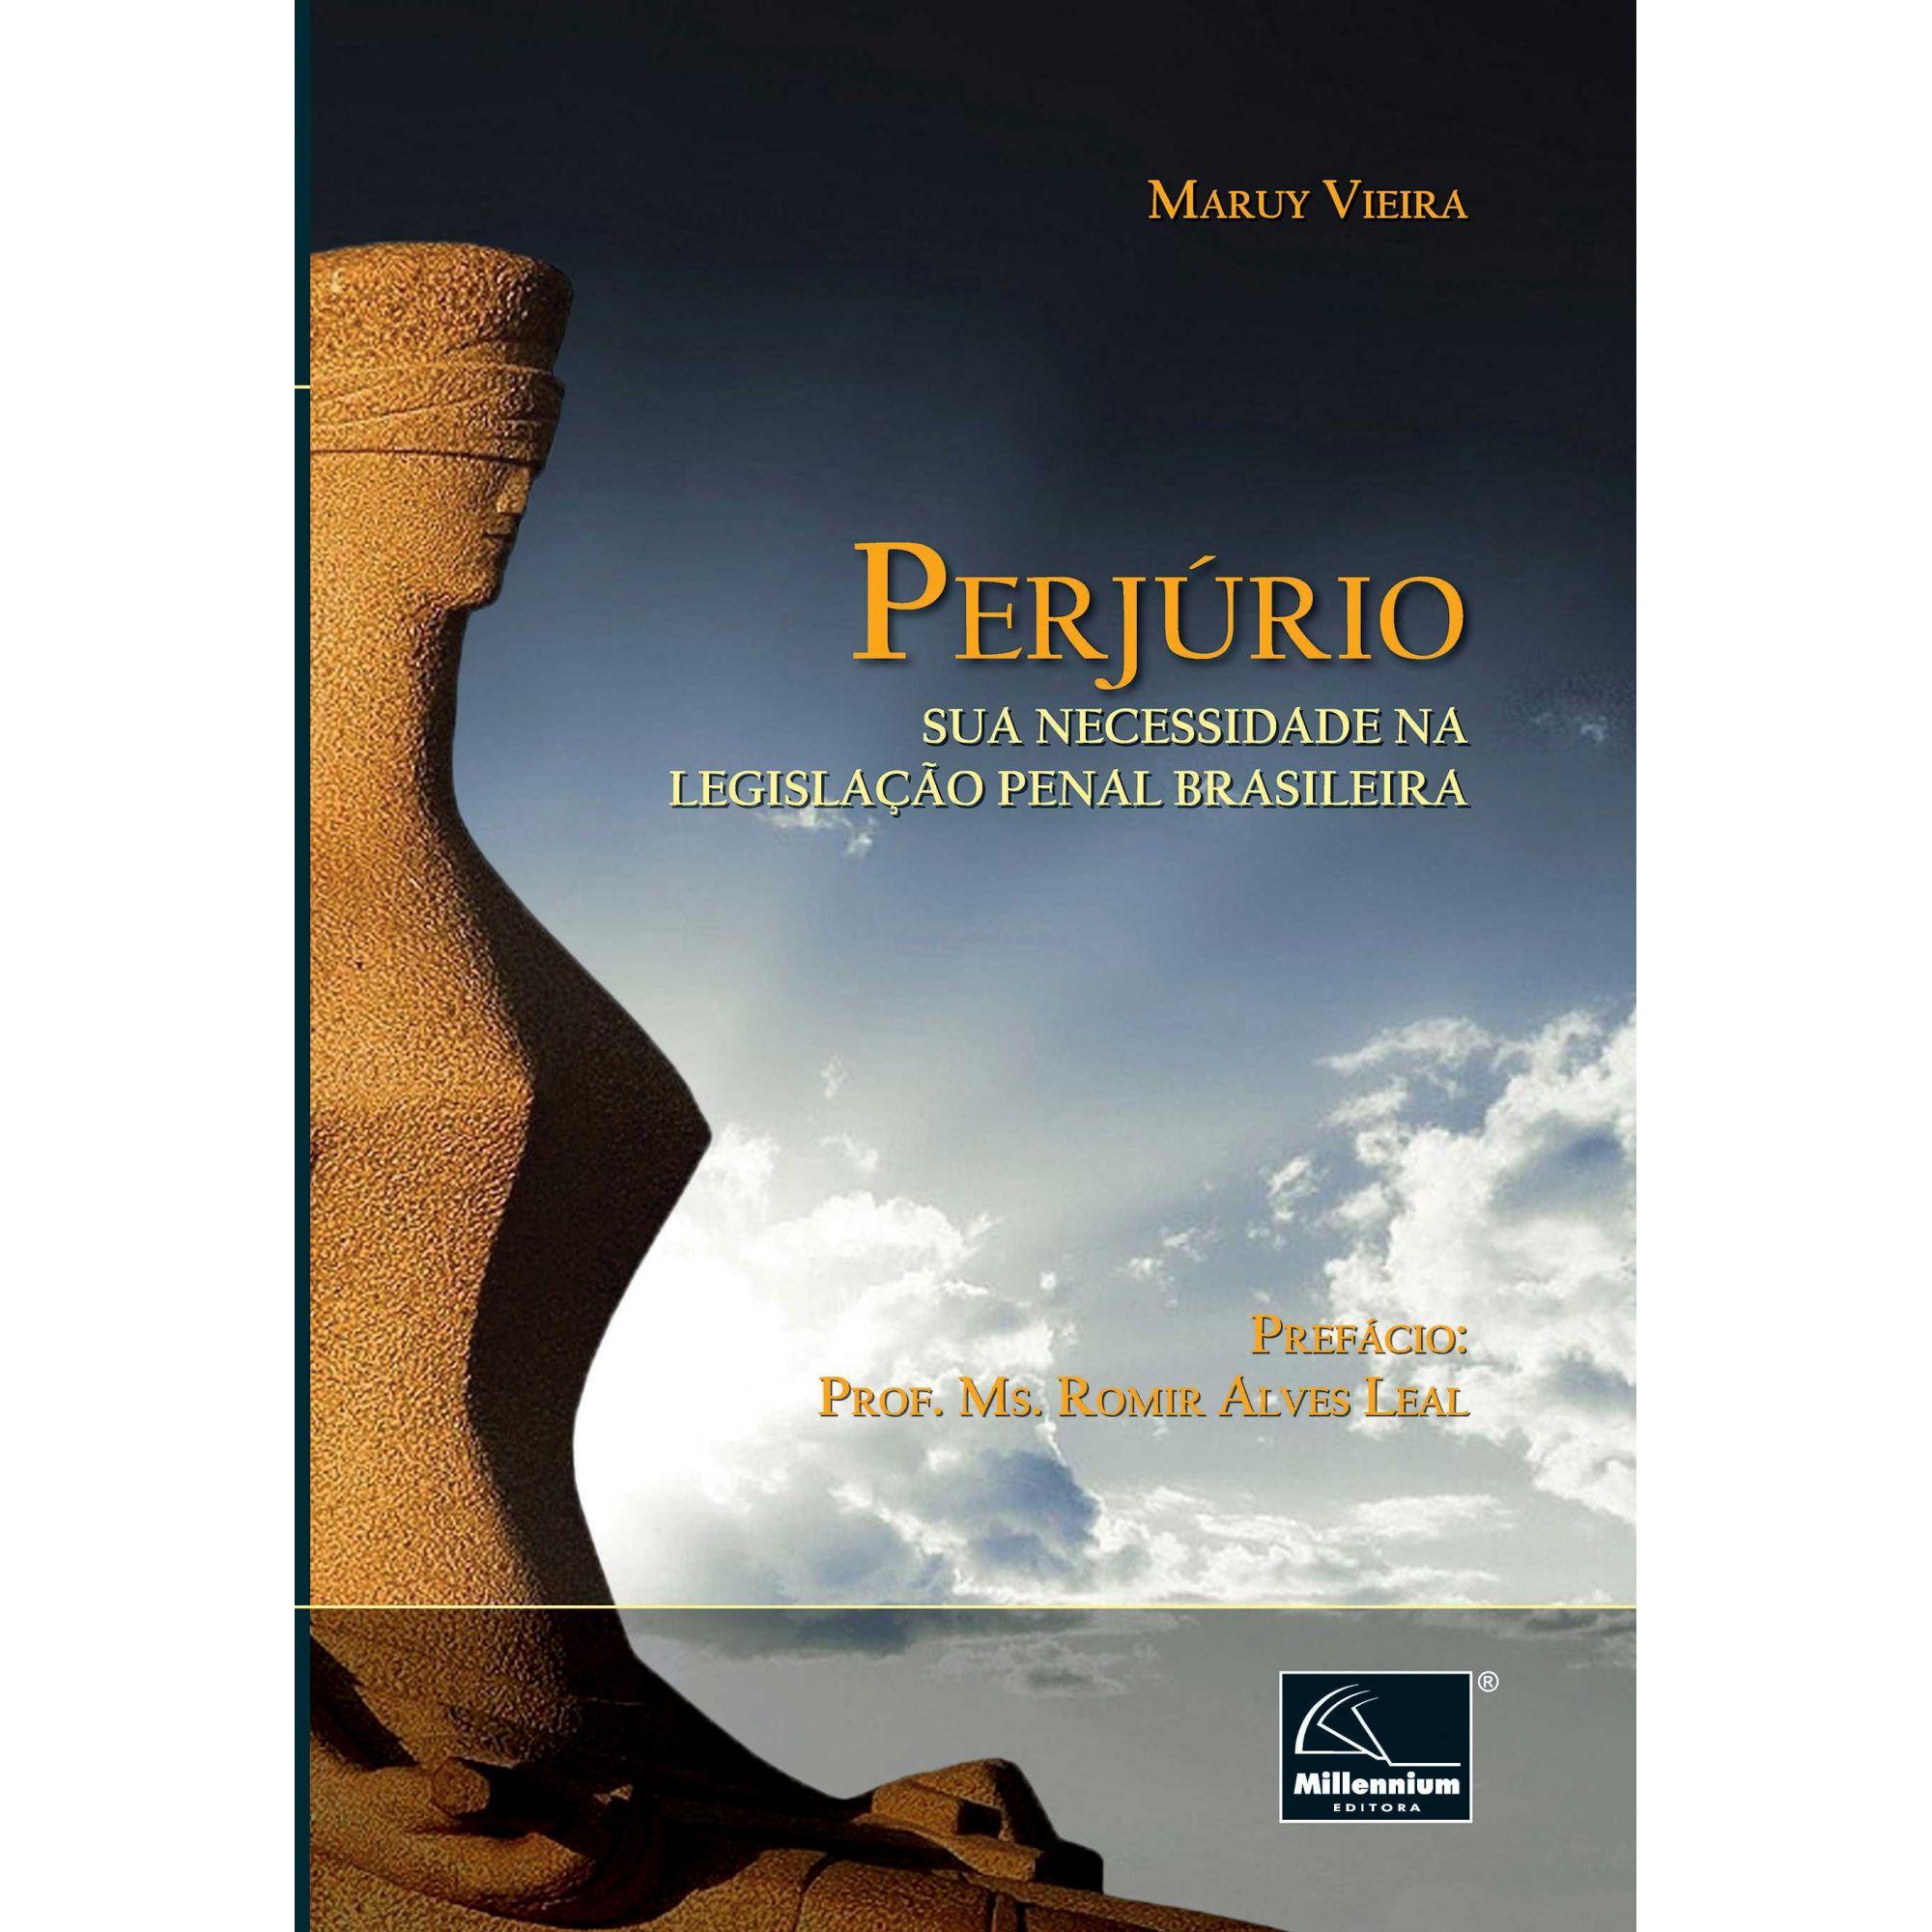 Perjúrio Sua necessidade na legislação penal brasileira <b>Autor: Maruy Vieira</b>  - Millennium Editora - Livros de Perícia